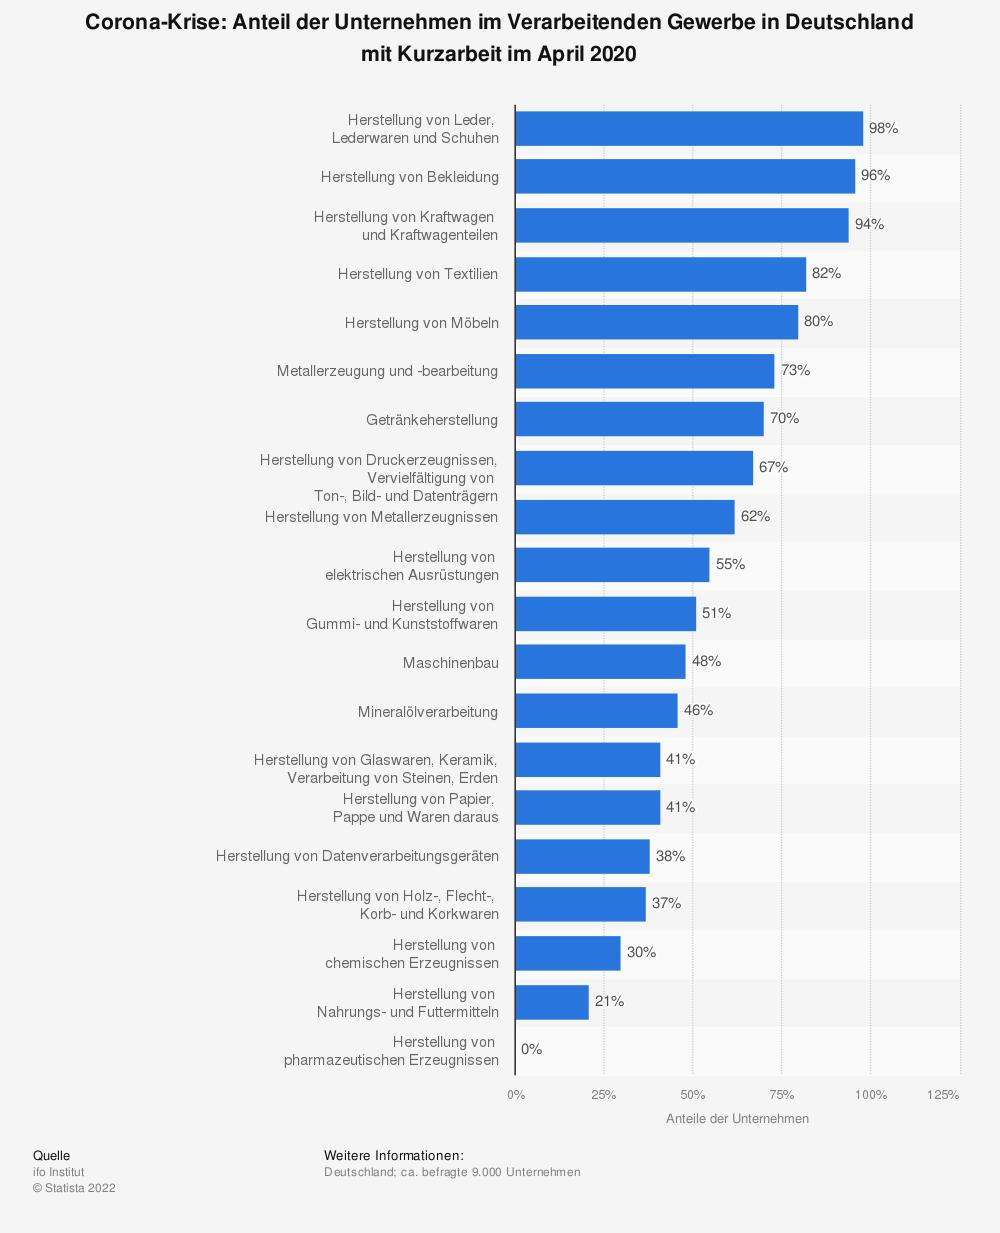 Statistik: Corona-Krise: Anteil der Unternehmen im Verarbeitenden Gewerbe in Deutschland mit Kurzarbeit im April 2020 | Statista